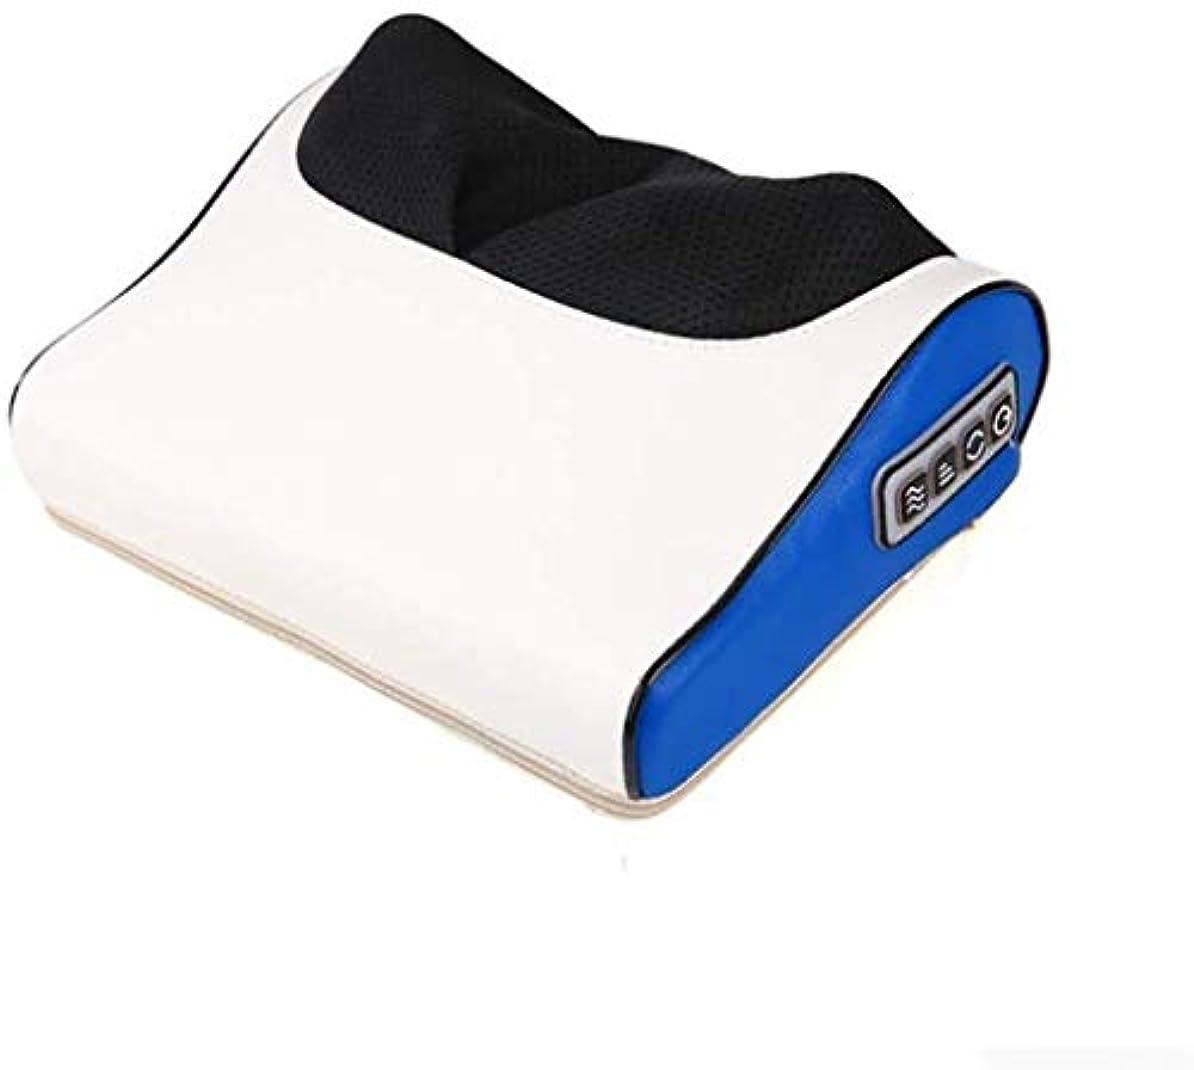 ひどくねばねば高さマッサージ枕、赤外線/温水首/肩/戻る電気マッサージ、指圧マッサージ機器、痛み/ストレスを解消、疲労を和らげます (Color : 青, Size : One size)